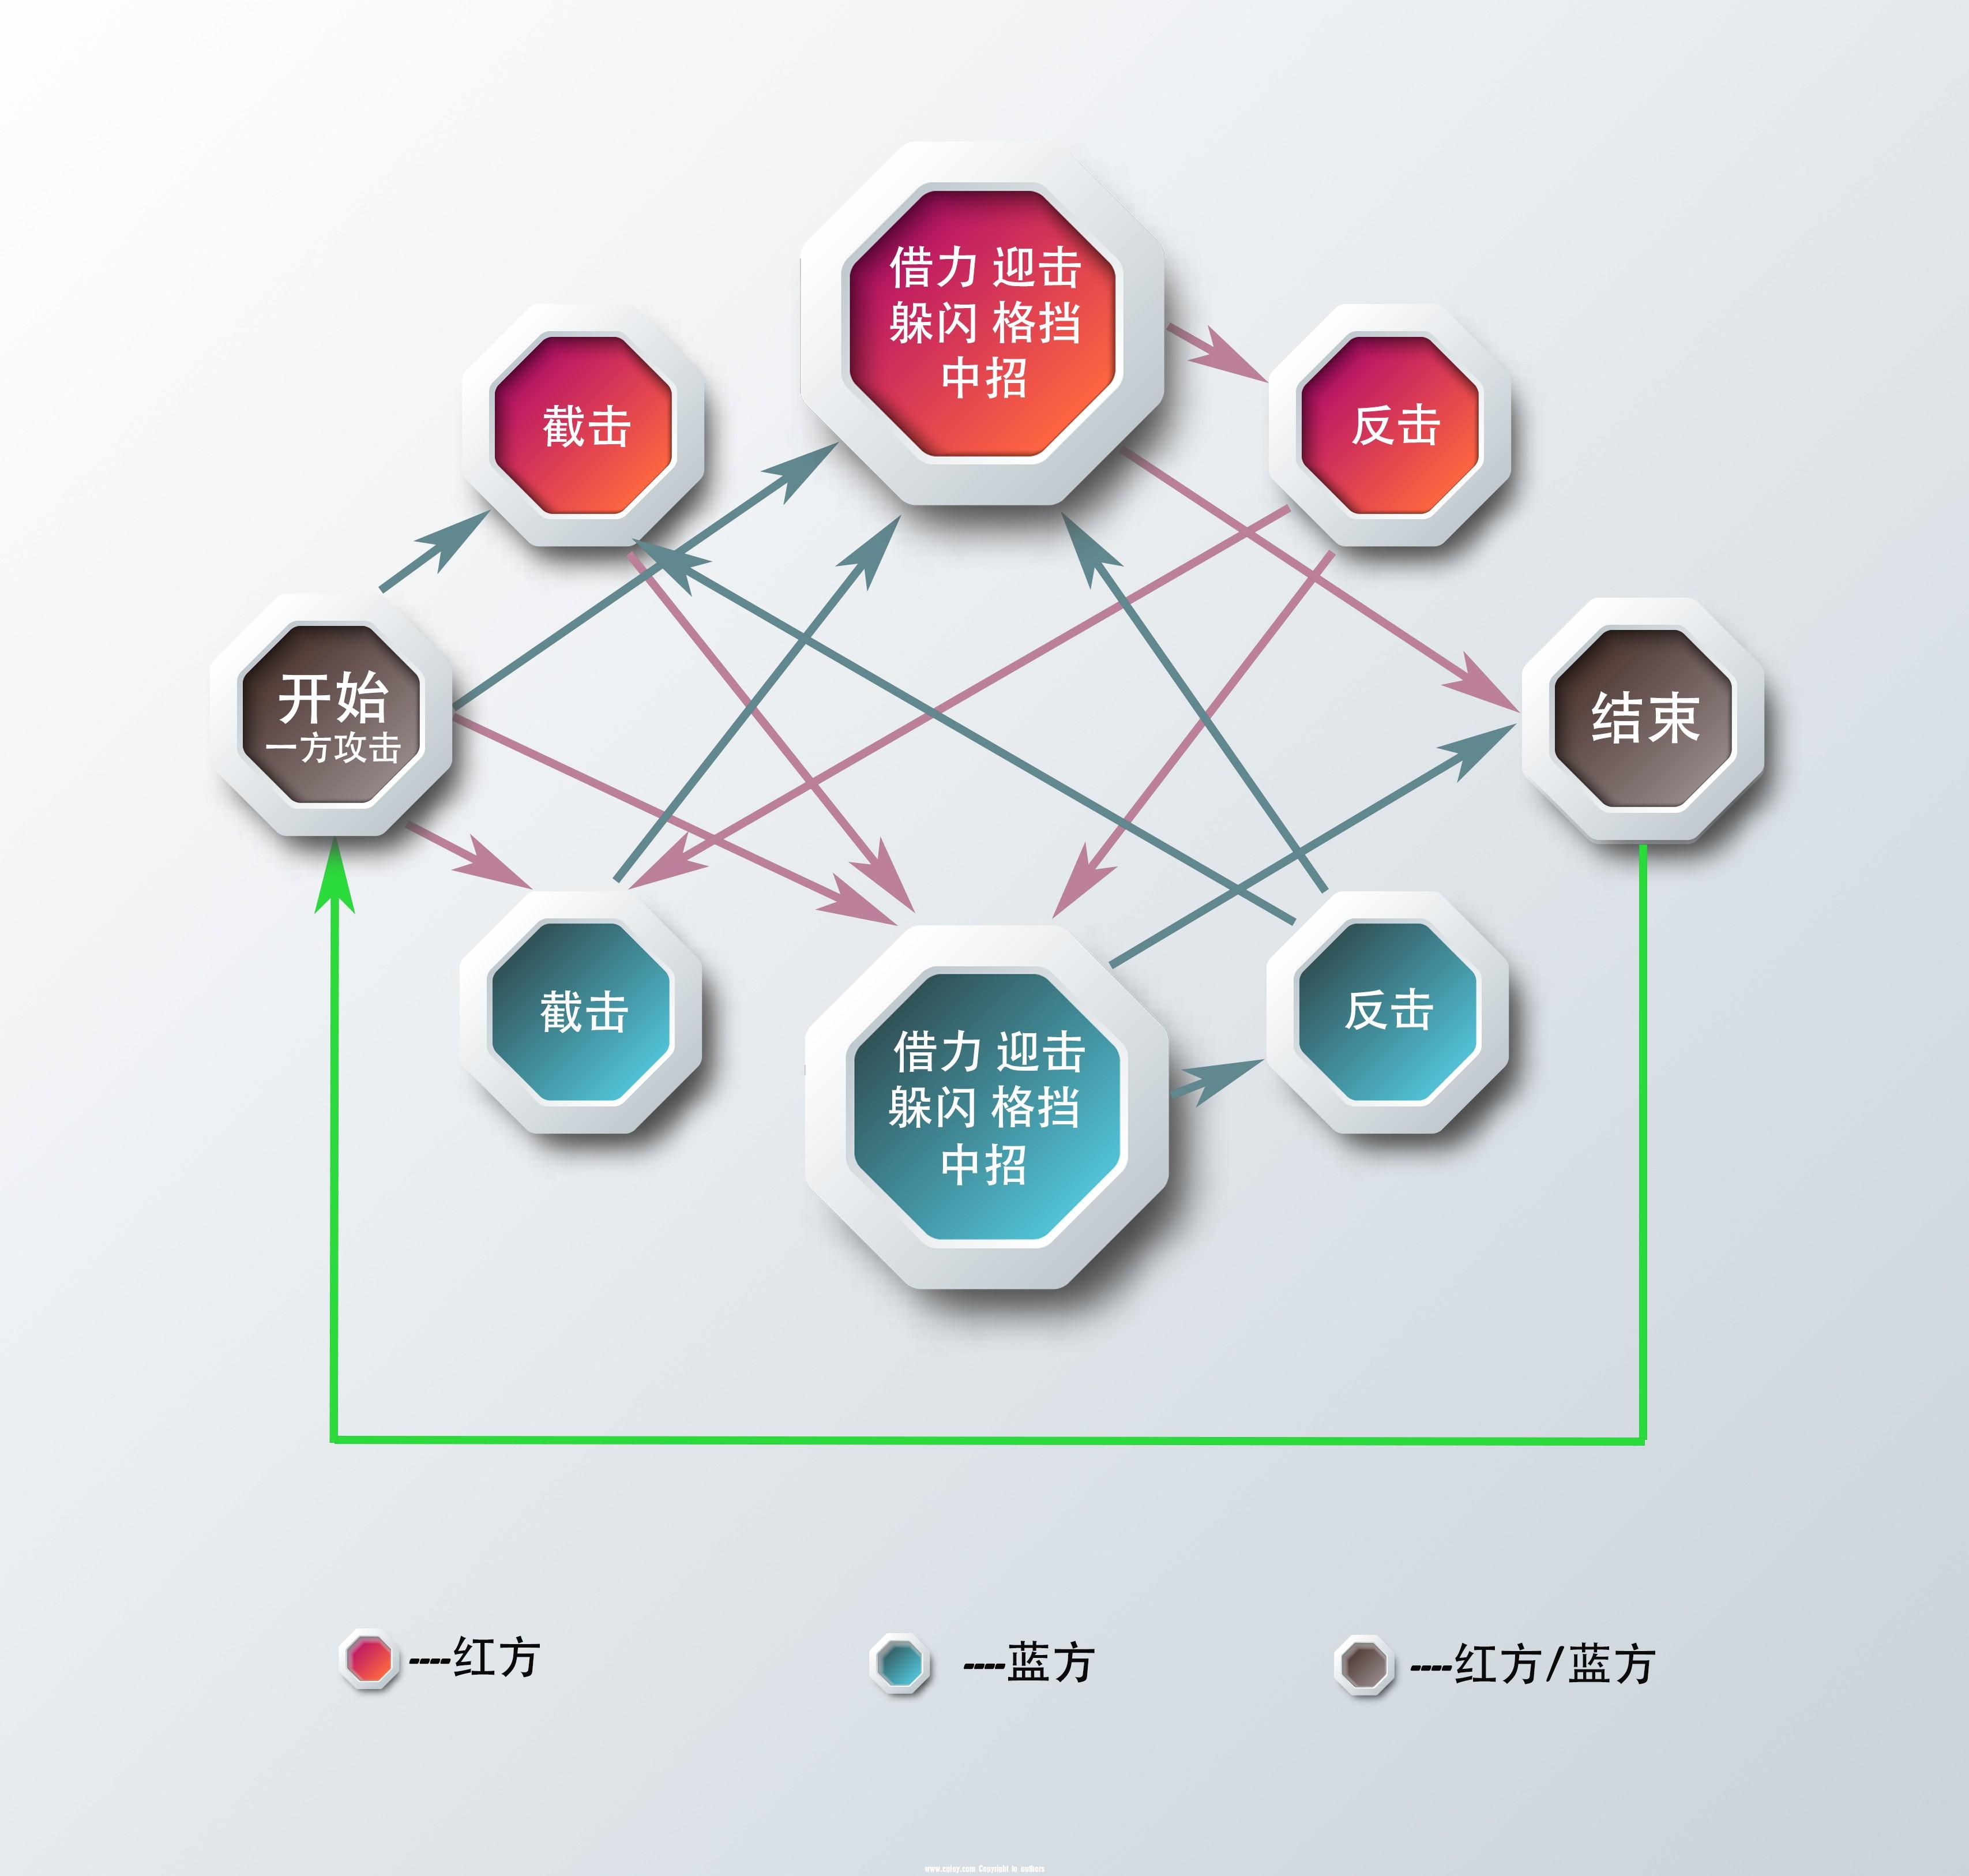 中文4.jpg